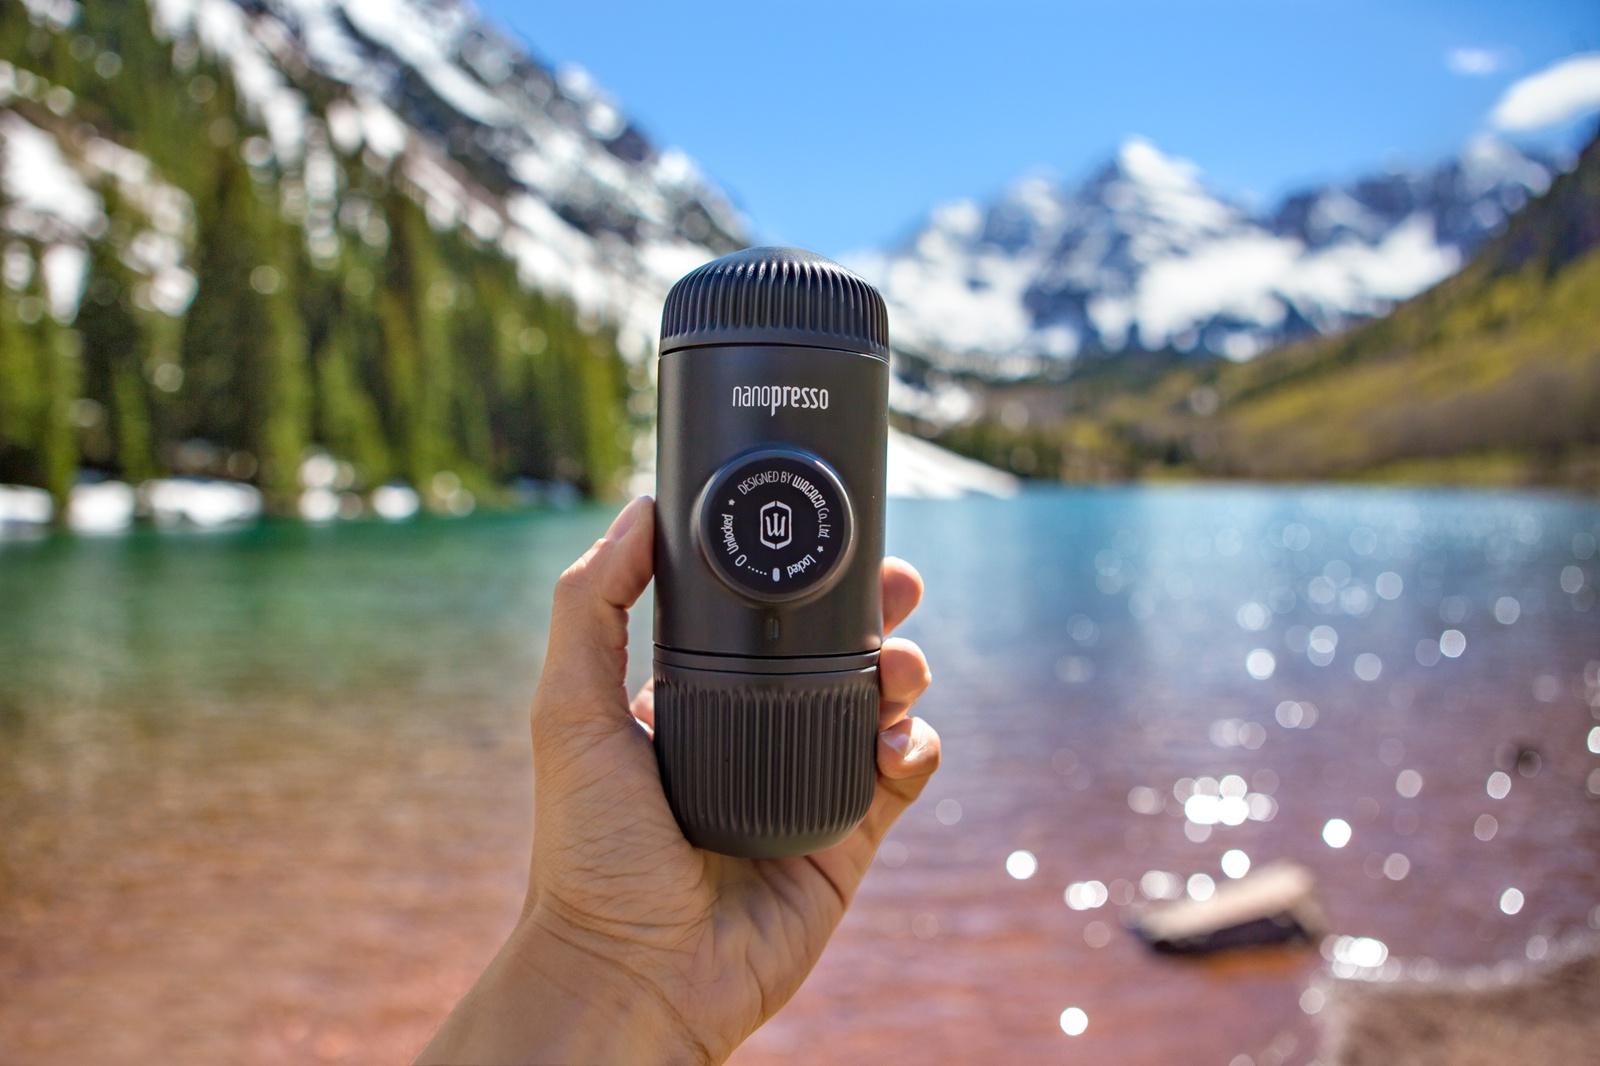 Ручная мини-кофемашина Nanopresso Black WACACO WCCN80 Wacaco